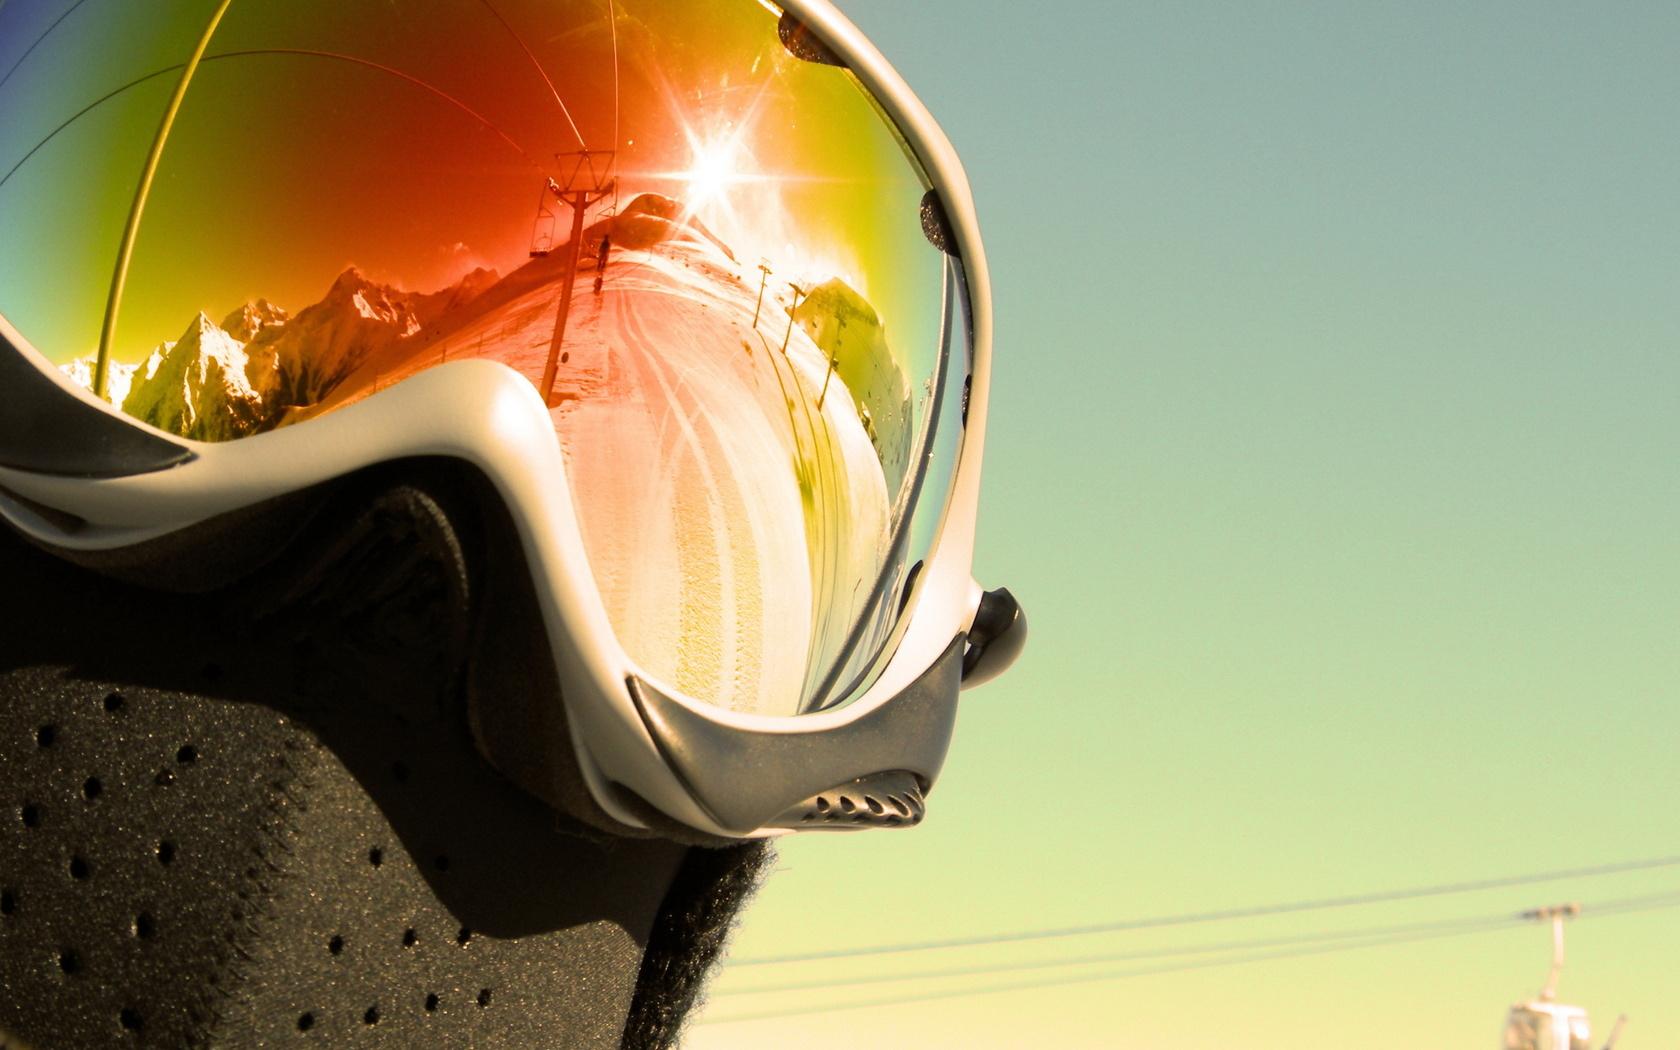 лыжная маска, сноуборд, snowboard wallpaper, скачать фото, обои для рабочего стола